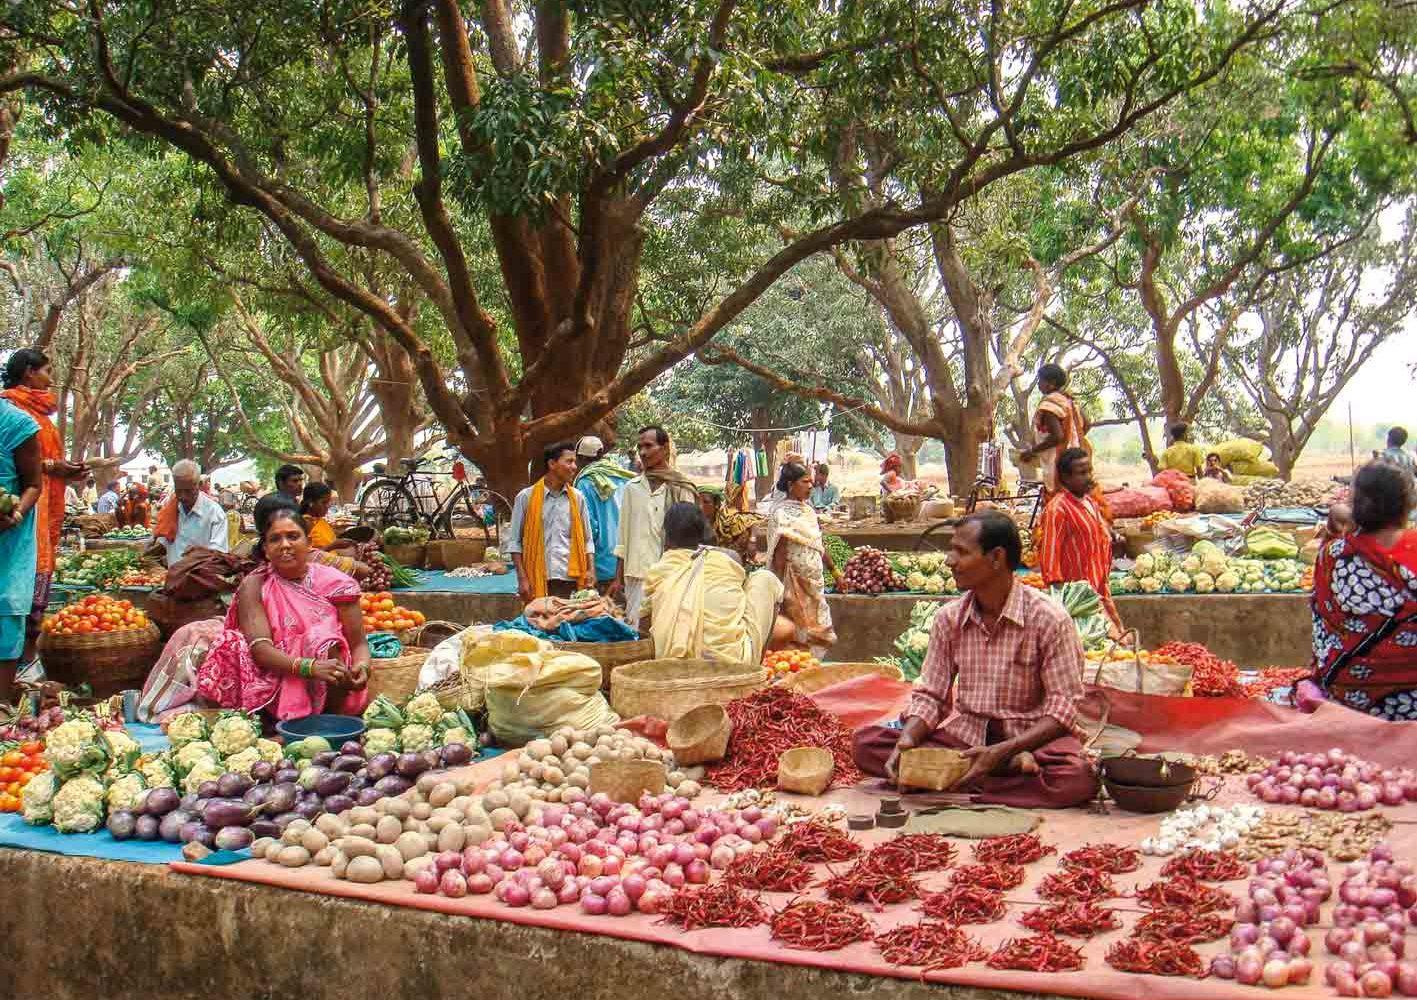 Marktbesuch in der Nähe von Jeypore, Indien